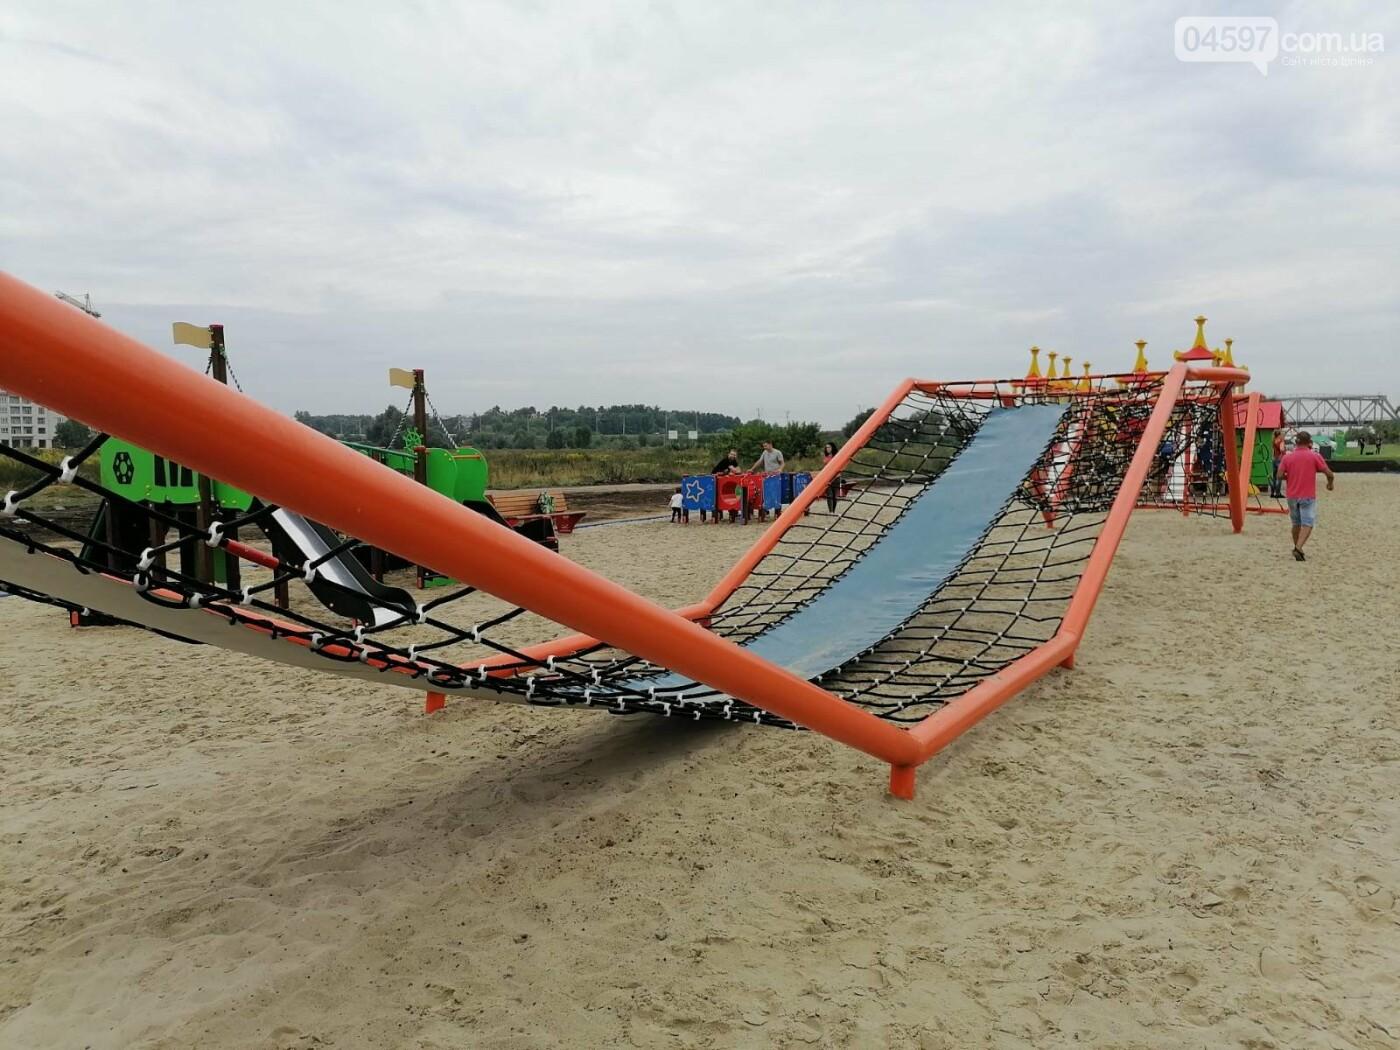 В Ірпені з'явився гігантський мотузковий атракціон, фото-1